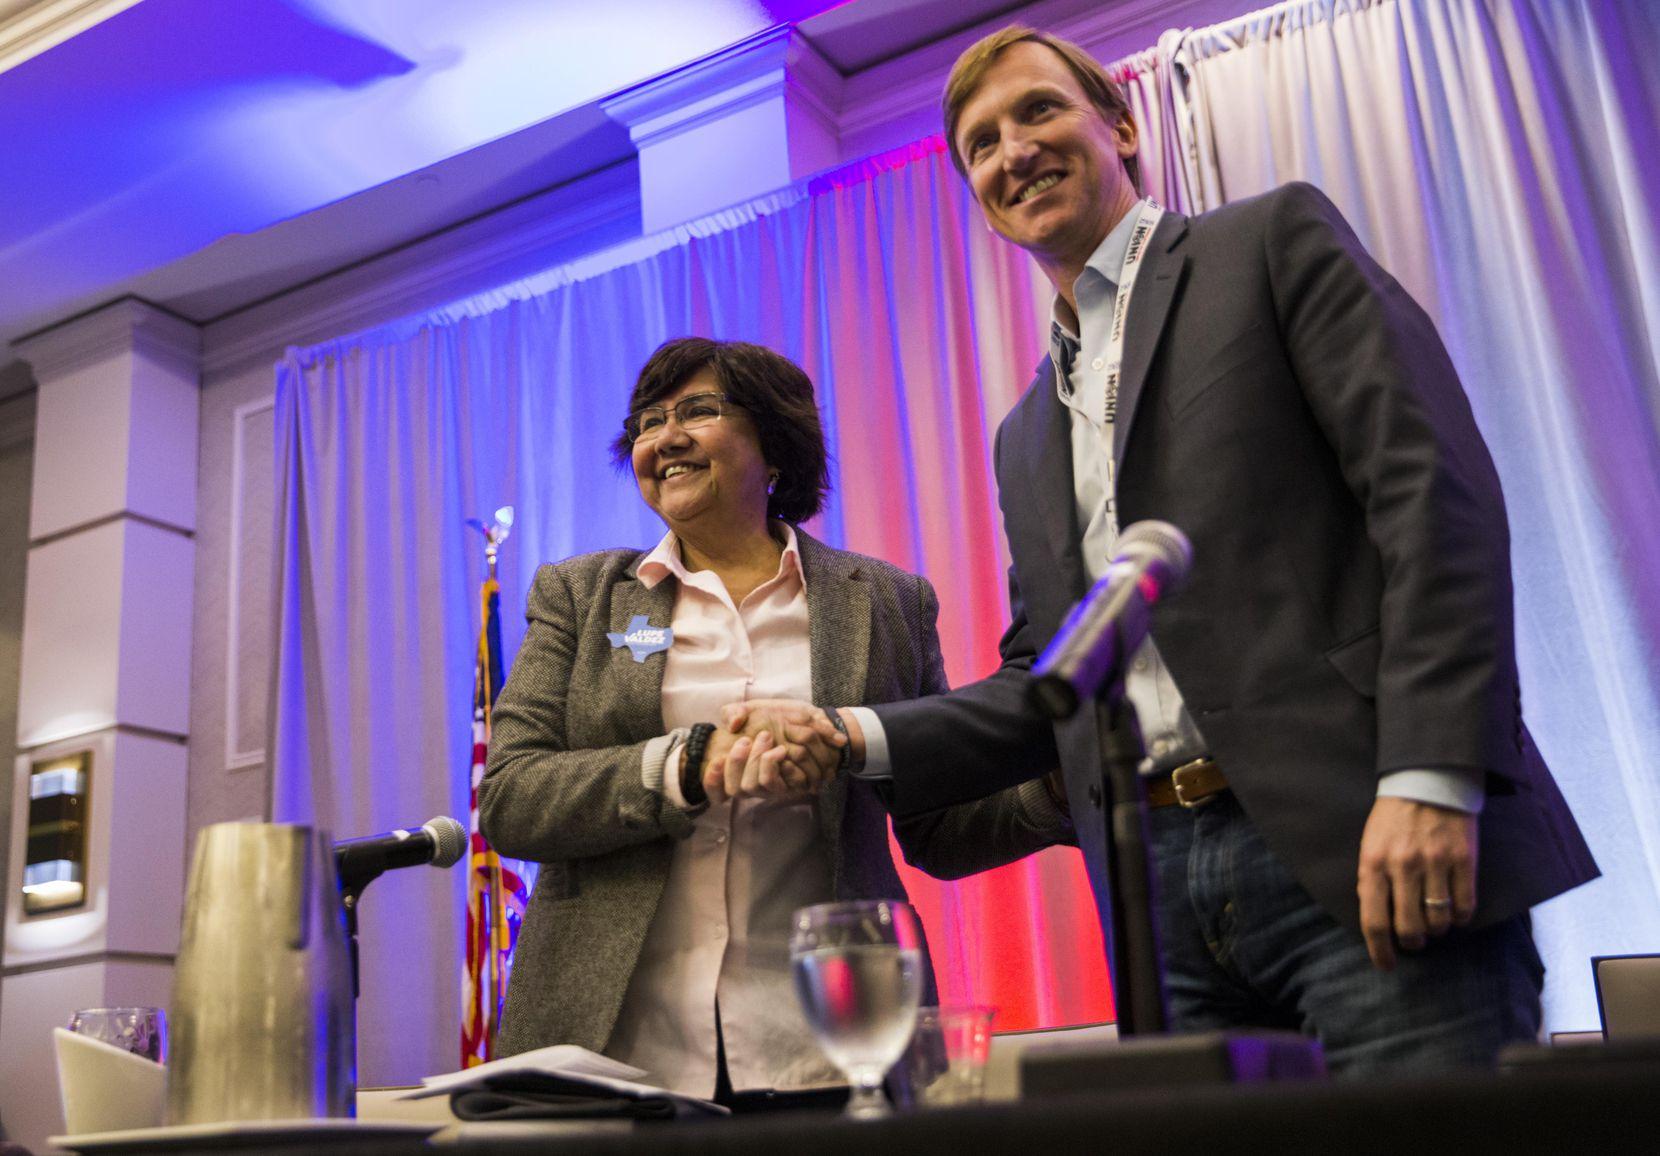 Lupe Valdez (izq.) y Andrew White, candidatos demócratas para la gobernación de Texas, afinan sus campañas en busca de la nominación del partido. (DMN/ASHLEY LANDIS)